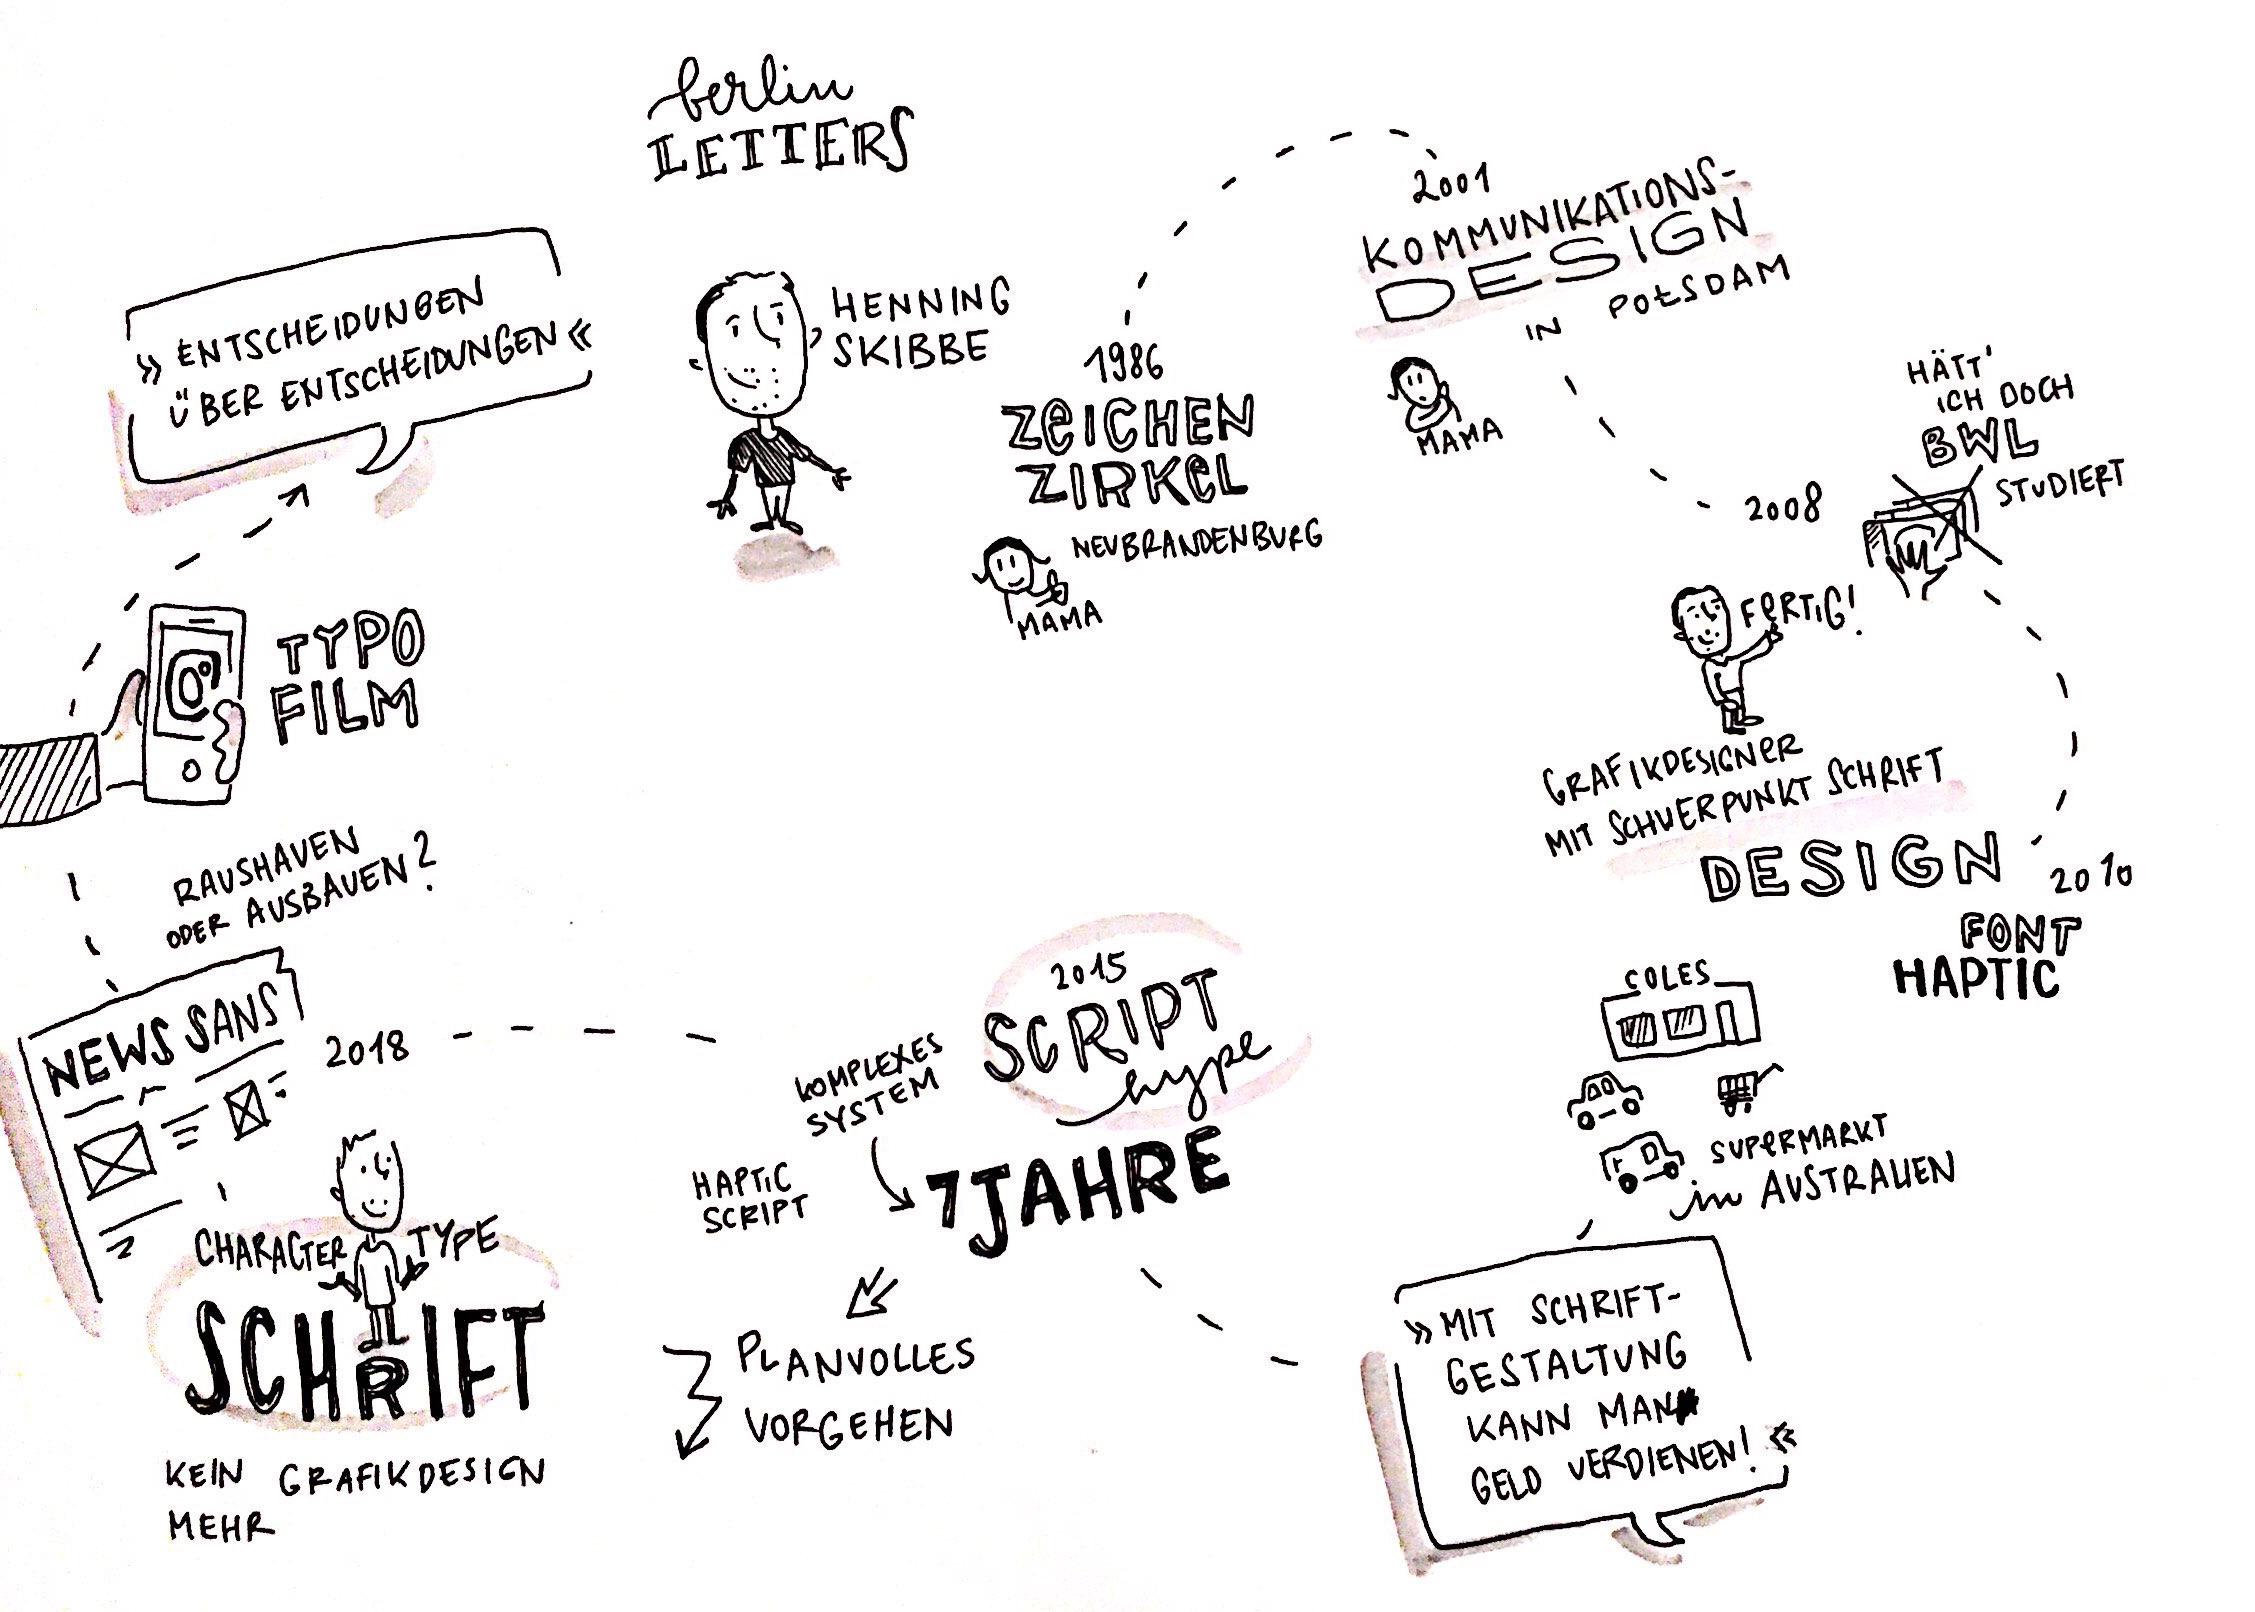 Sketchnote #berlinletters Henning Skibbe